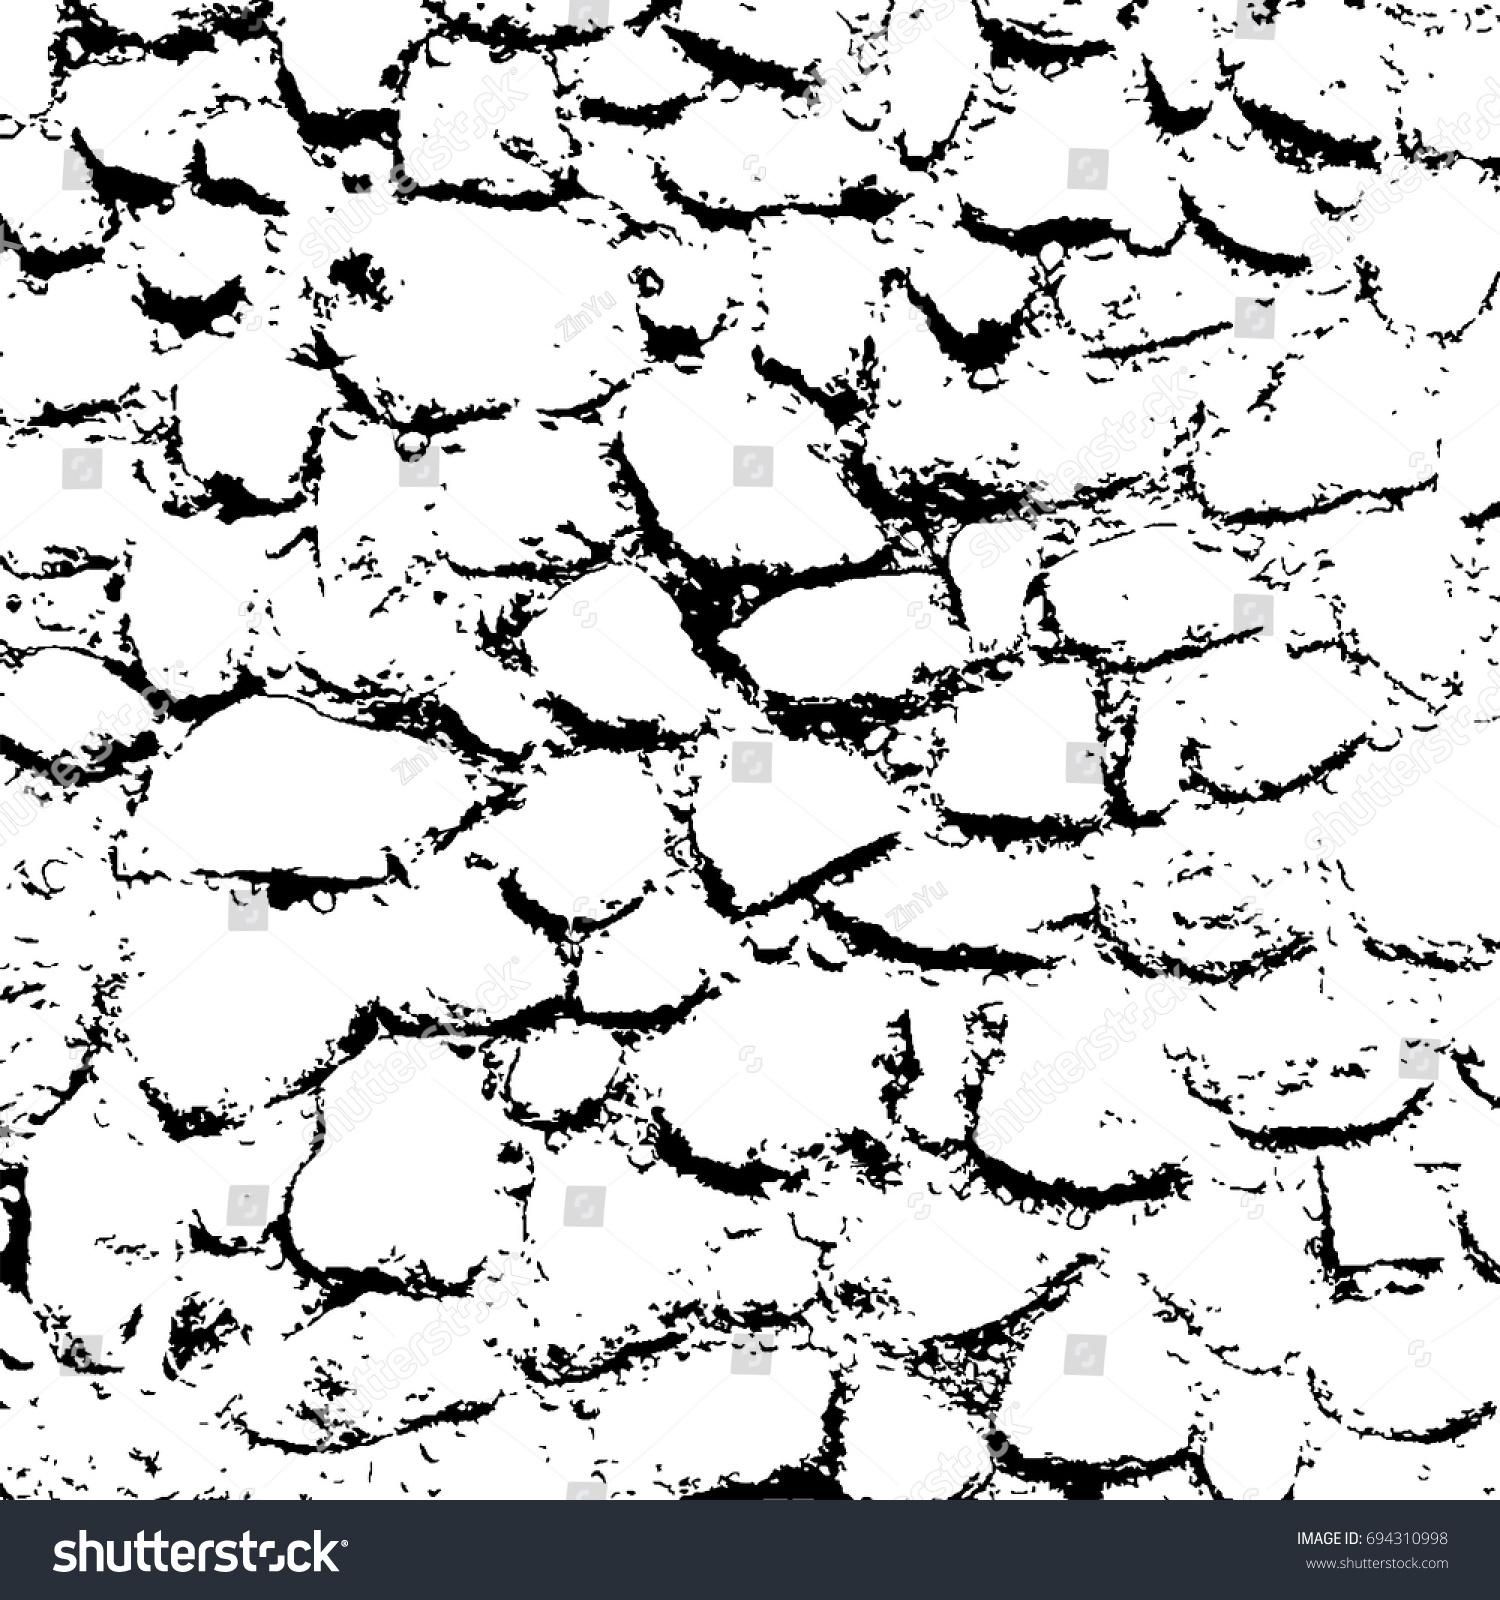 Paving Stone Grunge Template Masonry Paving Stock Photo (Photo ...